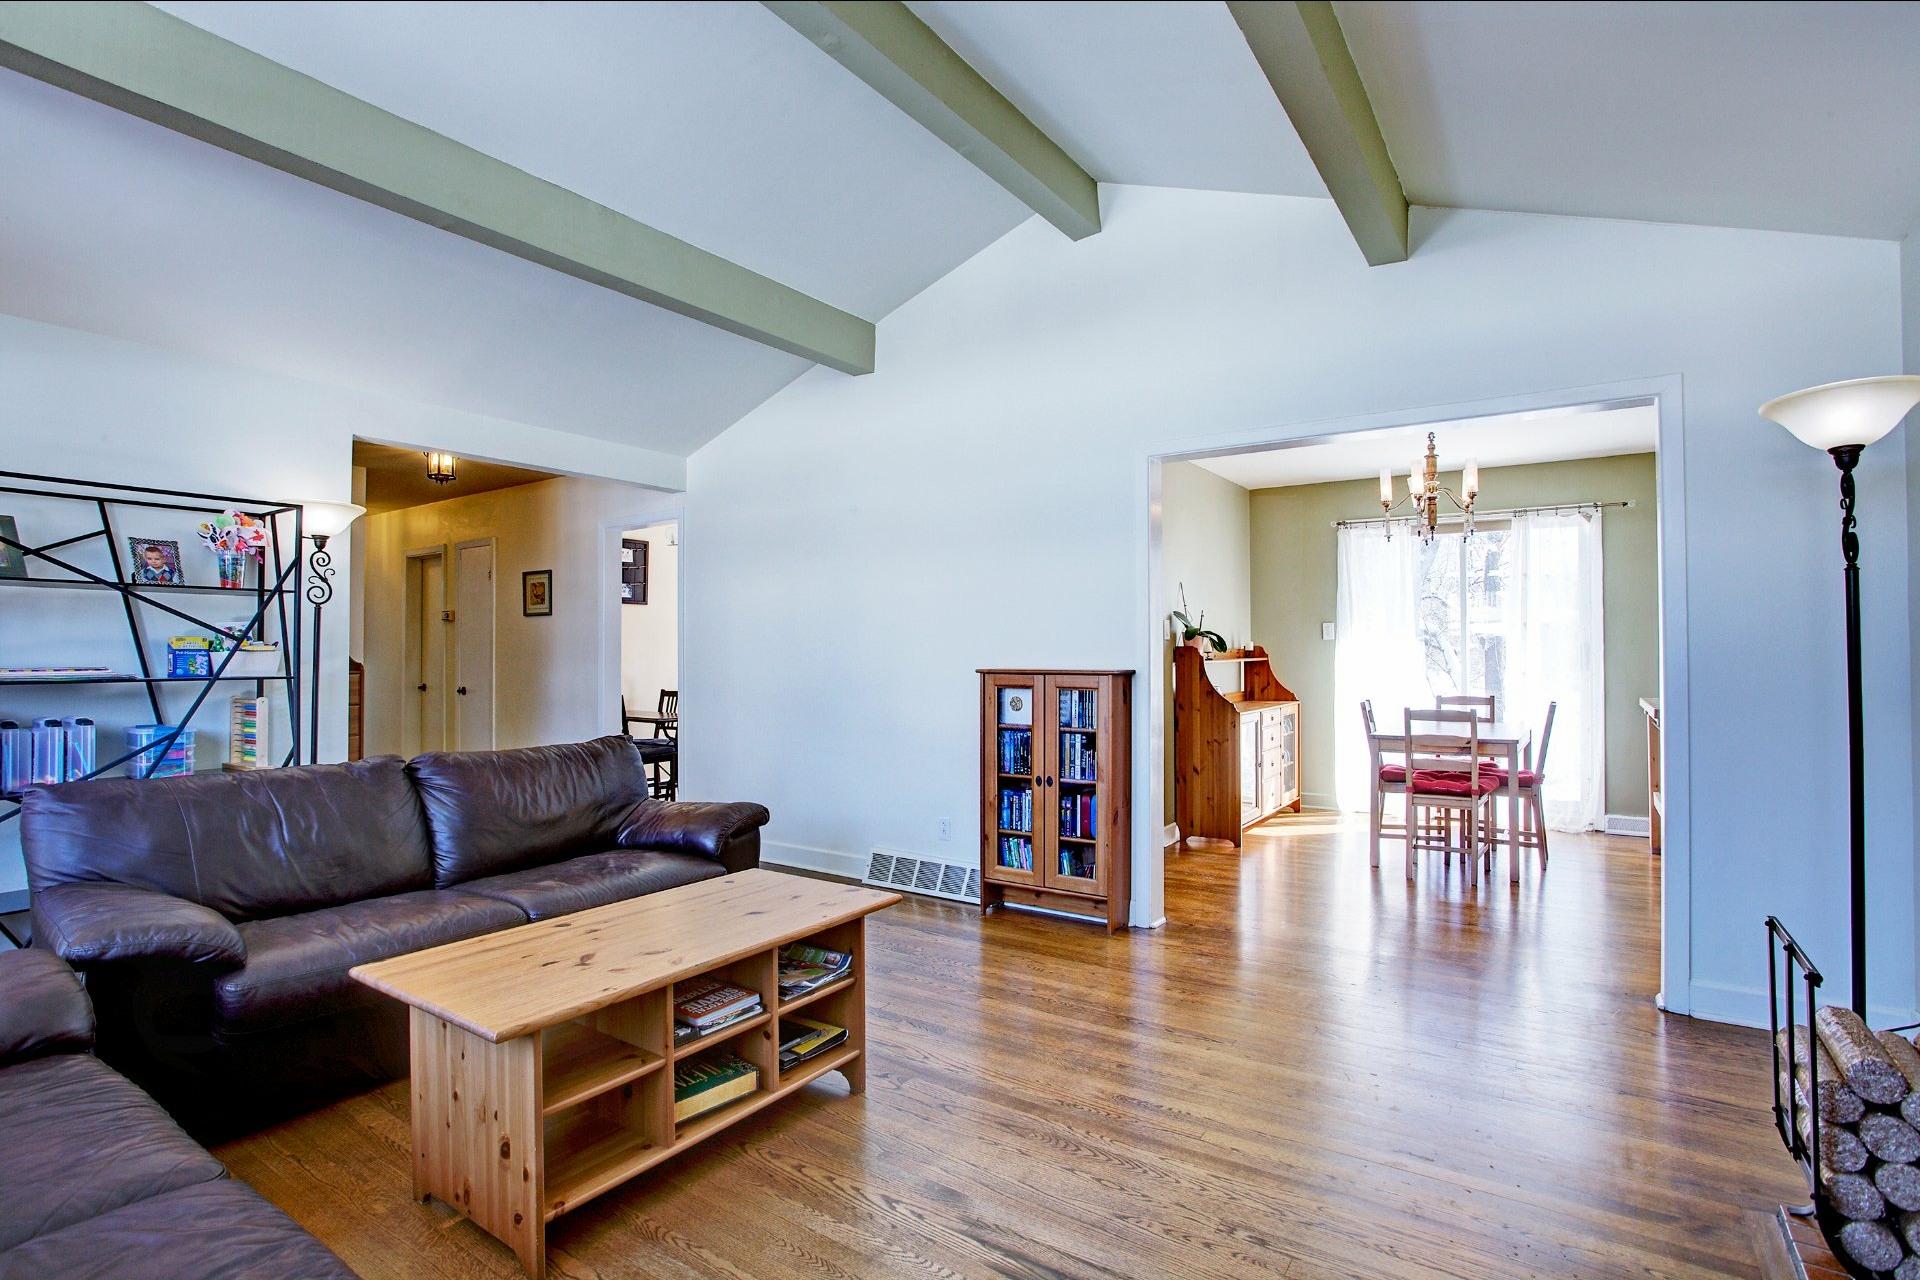 image 5 - Maison À vendre Beaconsfield - 10 pièces